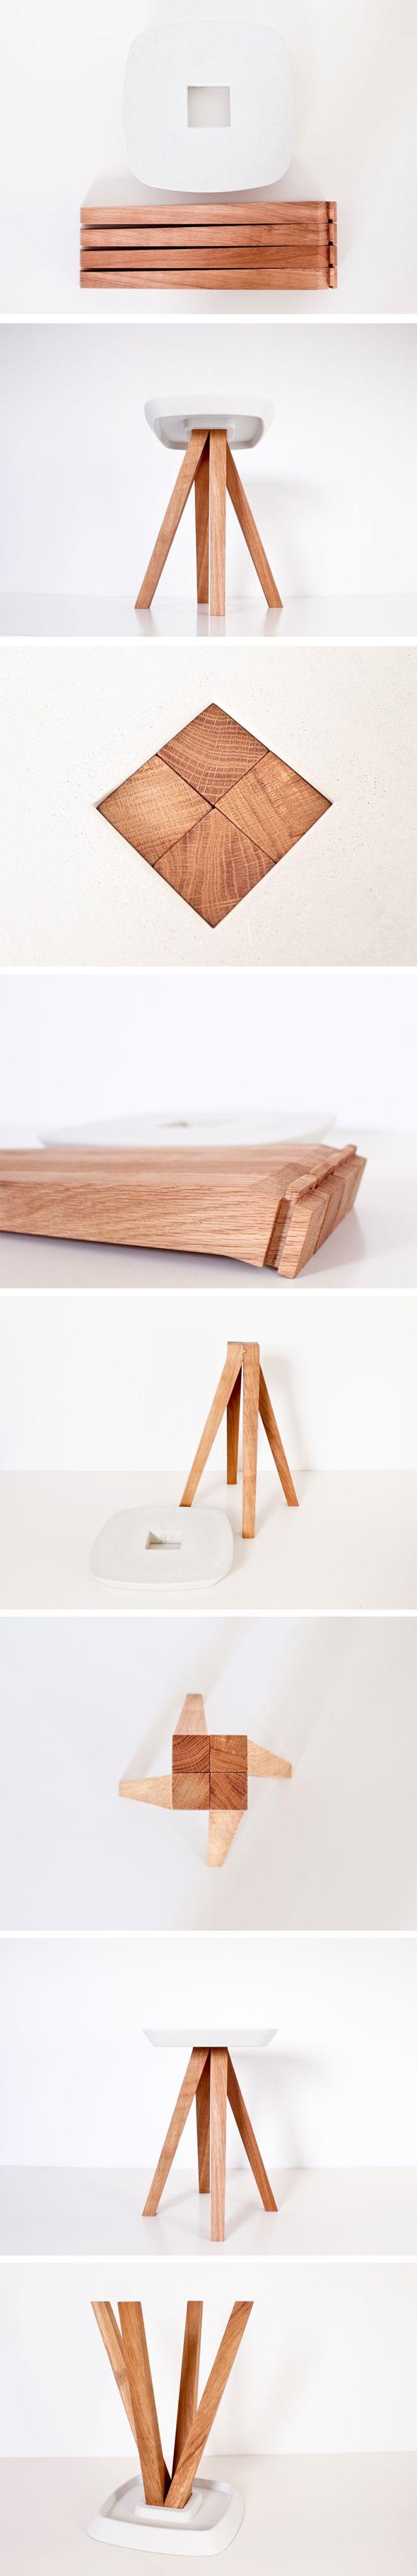 Tabouret-Ydin-inoow- bois mêlé au béton, association d'industriel et de naturel, de minéral et de végétal, de froid et de chaleur. , livré en kit et s'assemble en toute simplicité. Les pieds s'encastre/ s'emboîte sans ordre précis.  Matériaux: béton fibré, bois soit chêne ou frêne récupéré chez un fabricant d'escaliers.